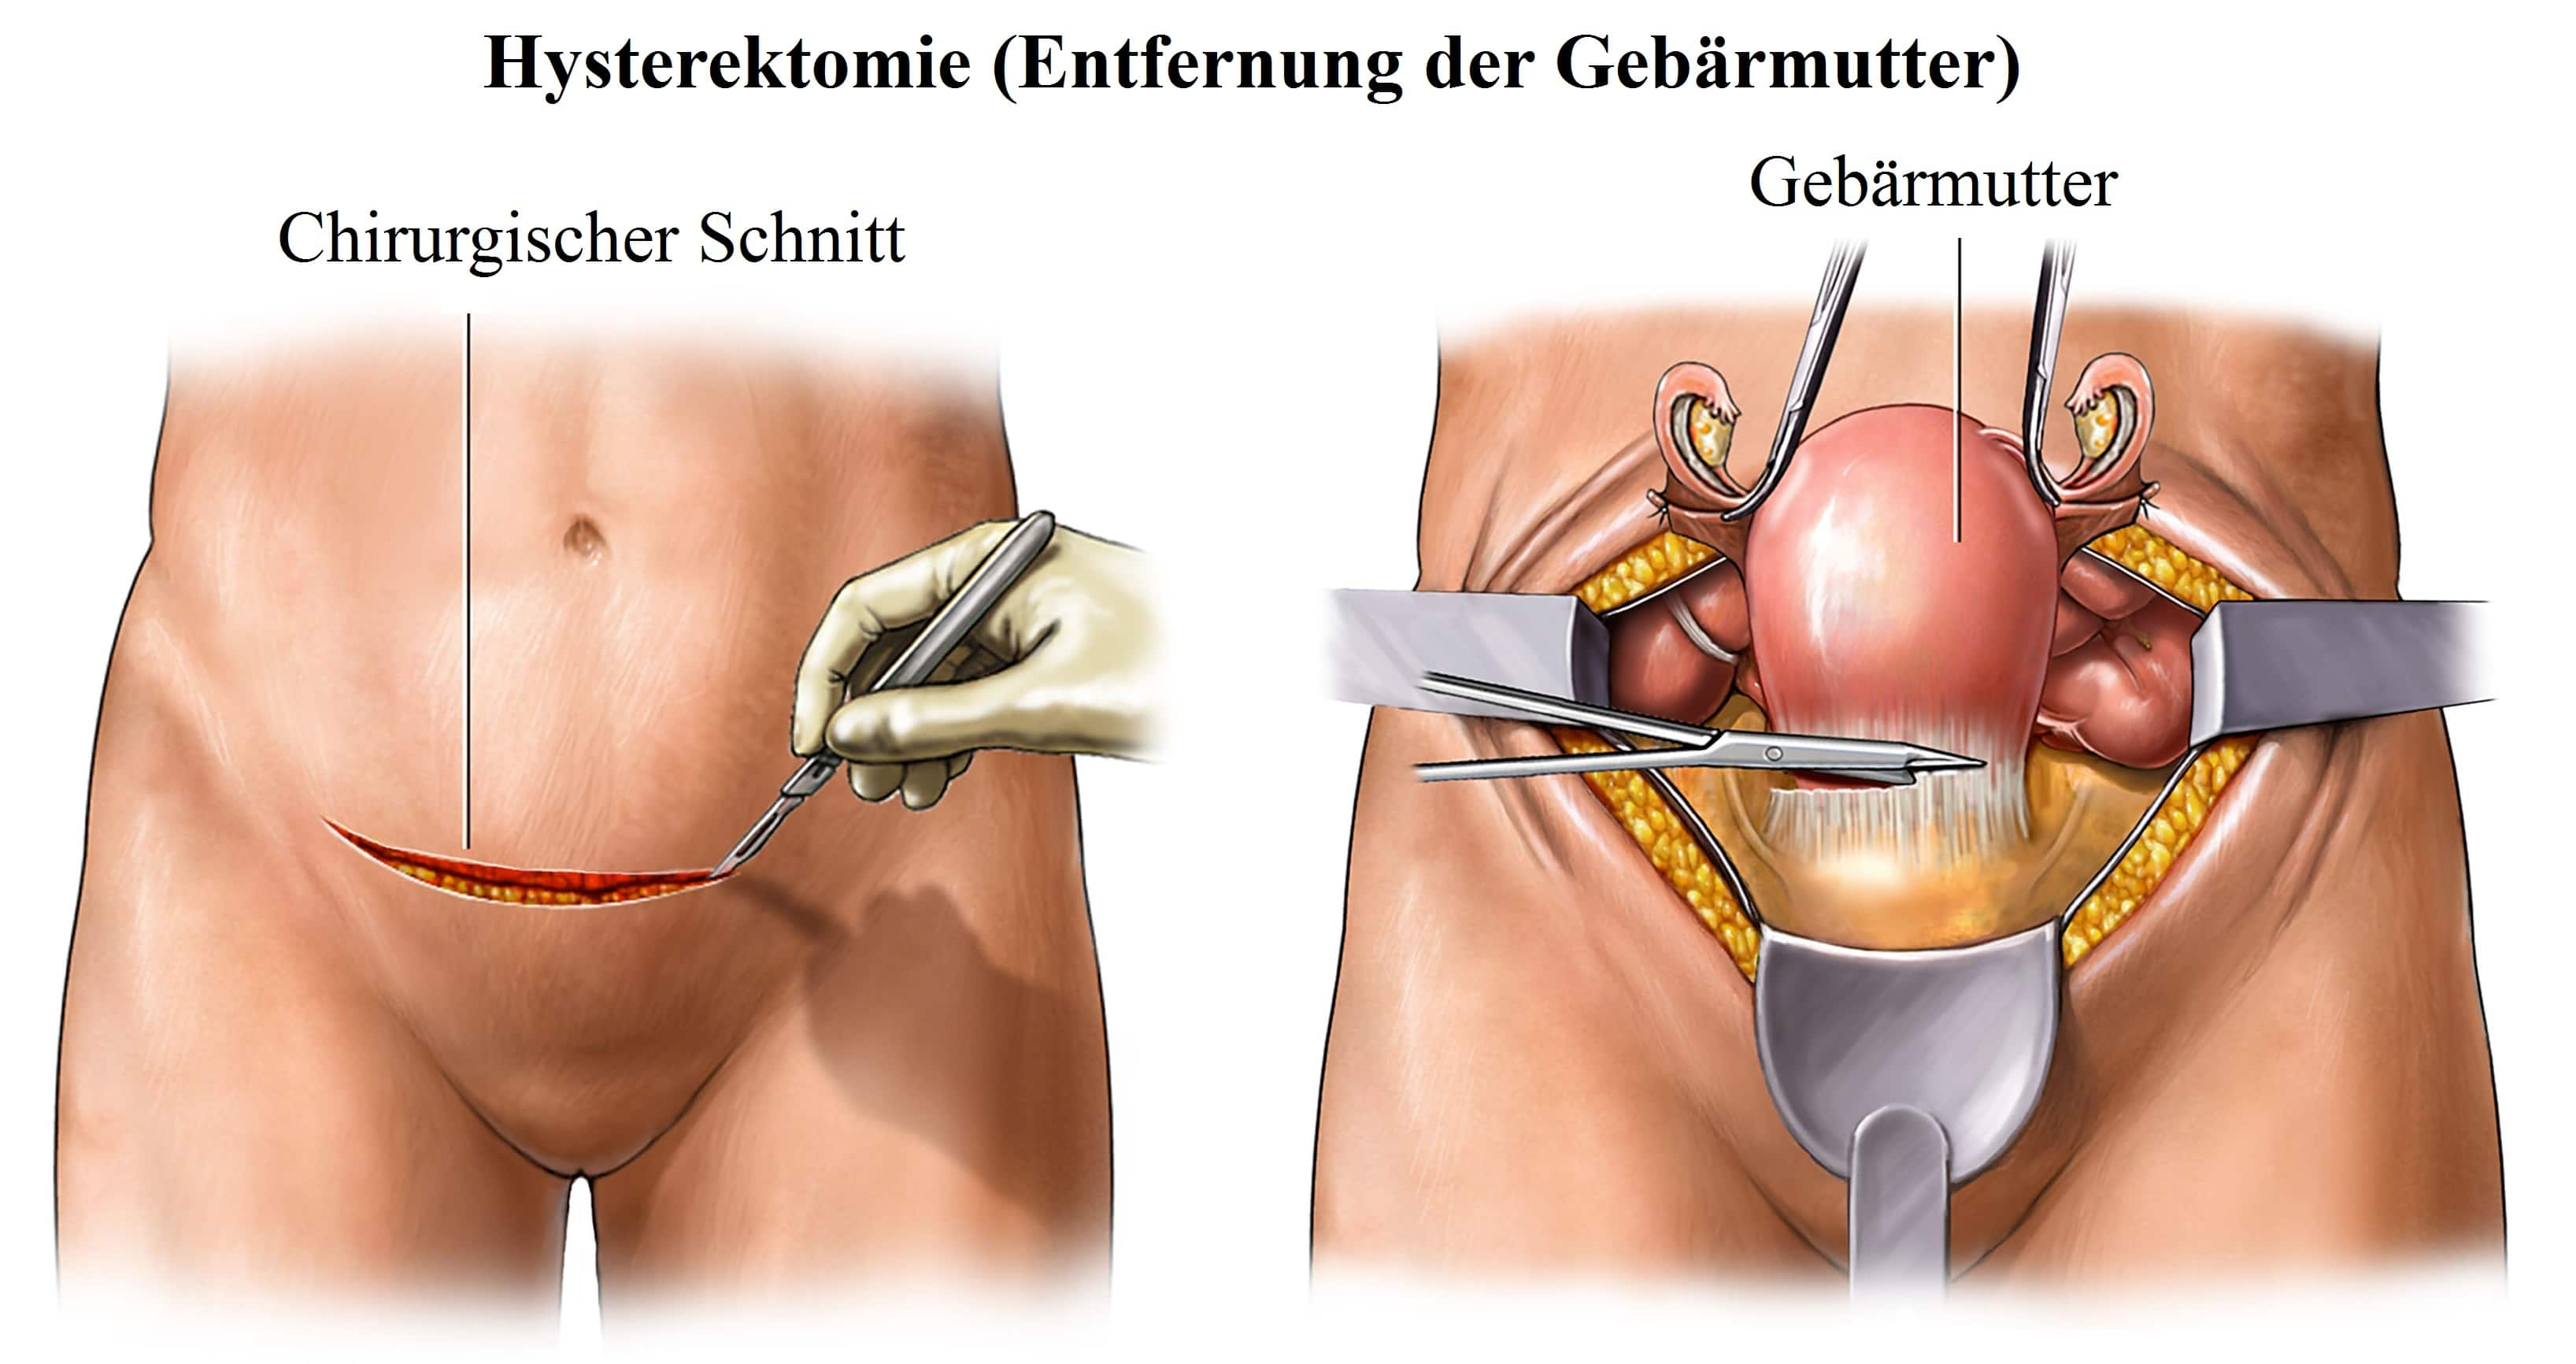 Hysterektomie, Entfernung der Gebärmutter - Symptome und Behandlung